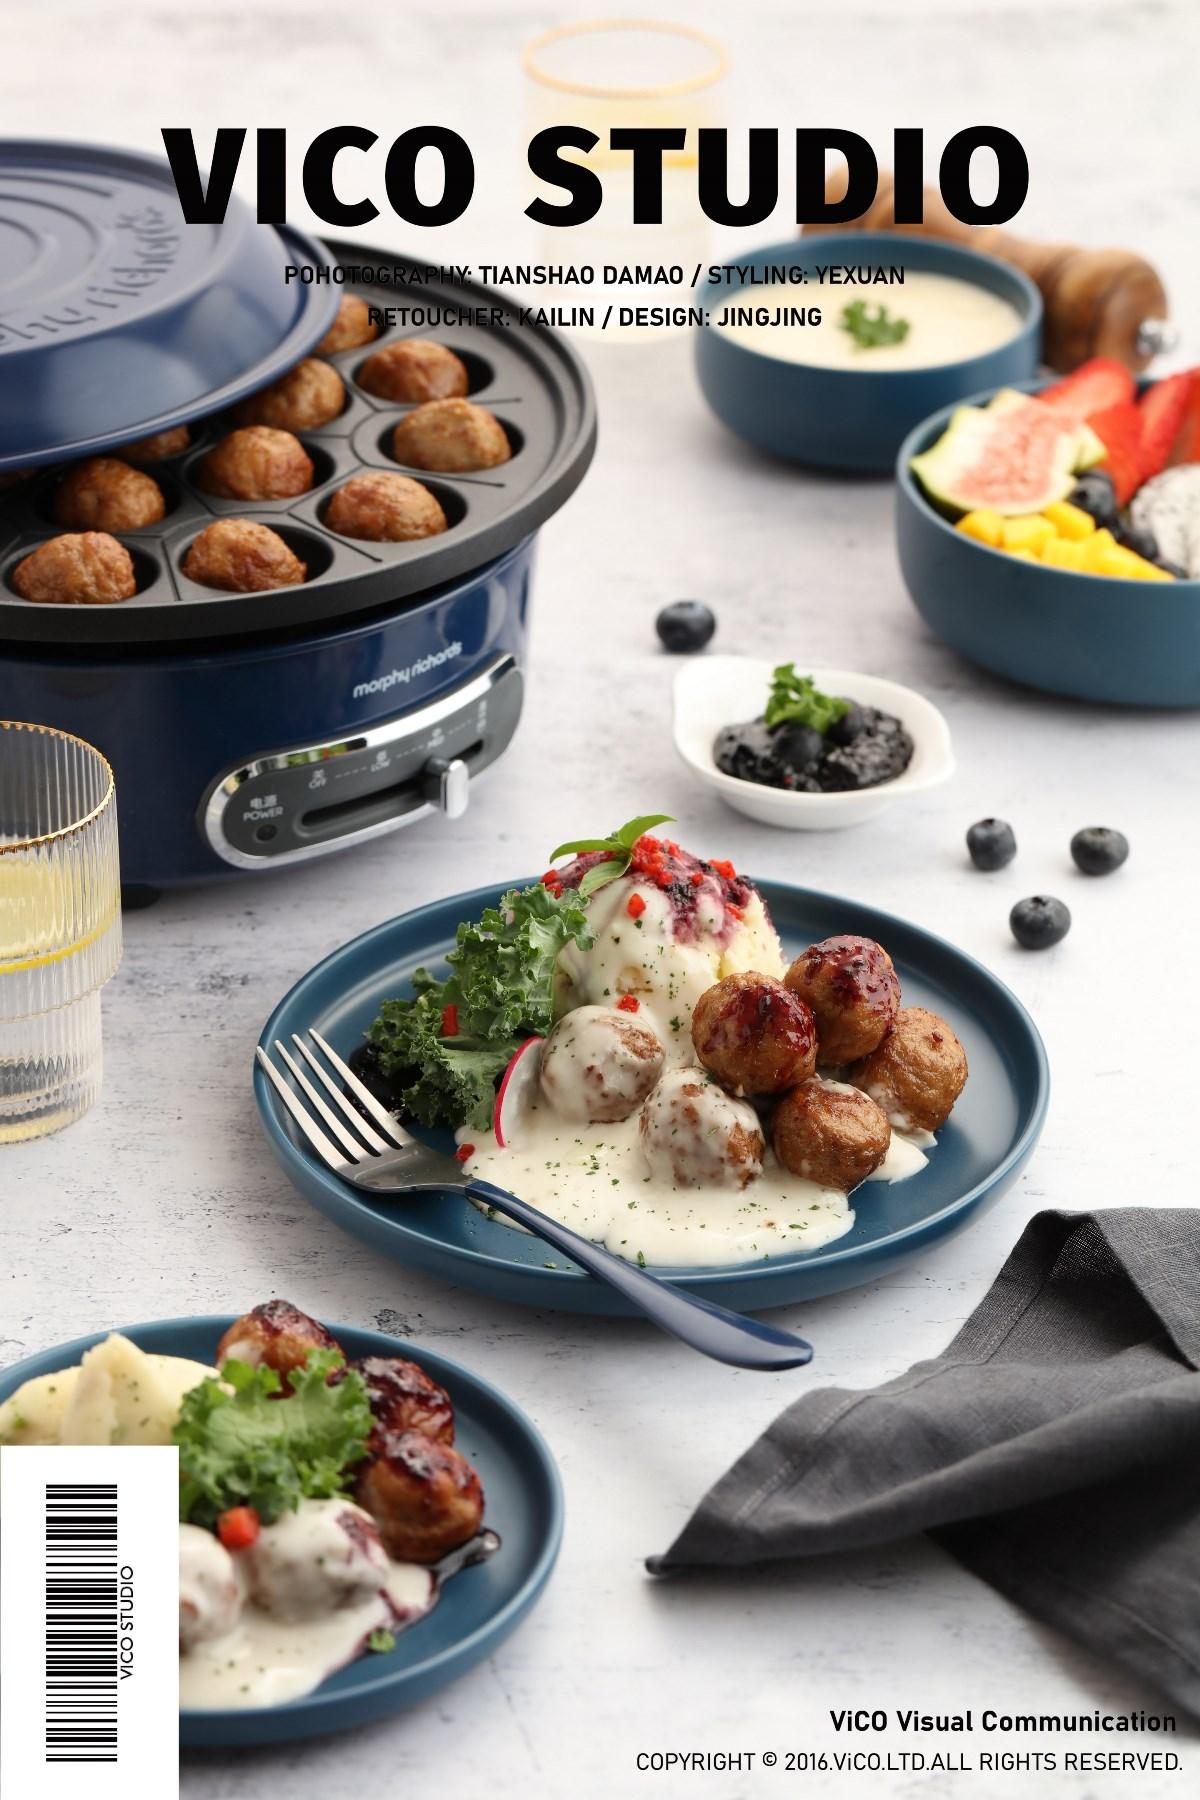 享受一顿饭的时光 | 摩飞《料理轻煮意》× ViCO视觉传媒